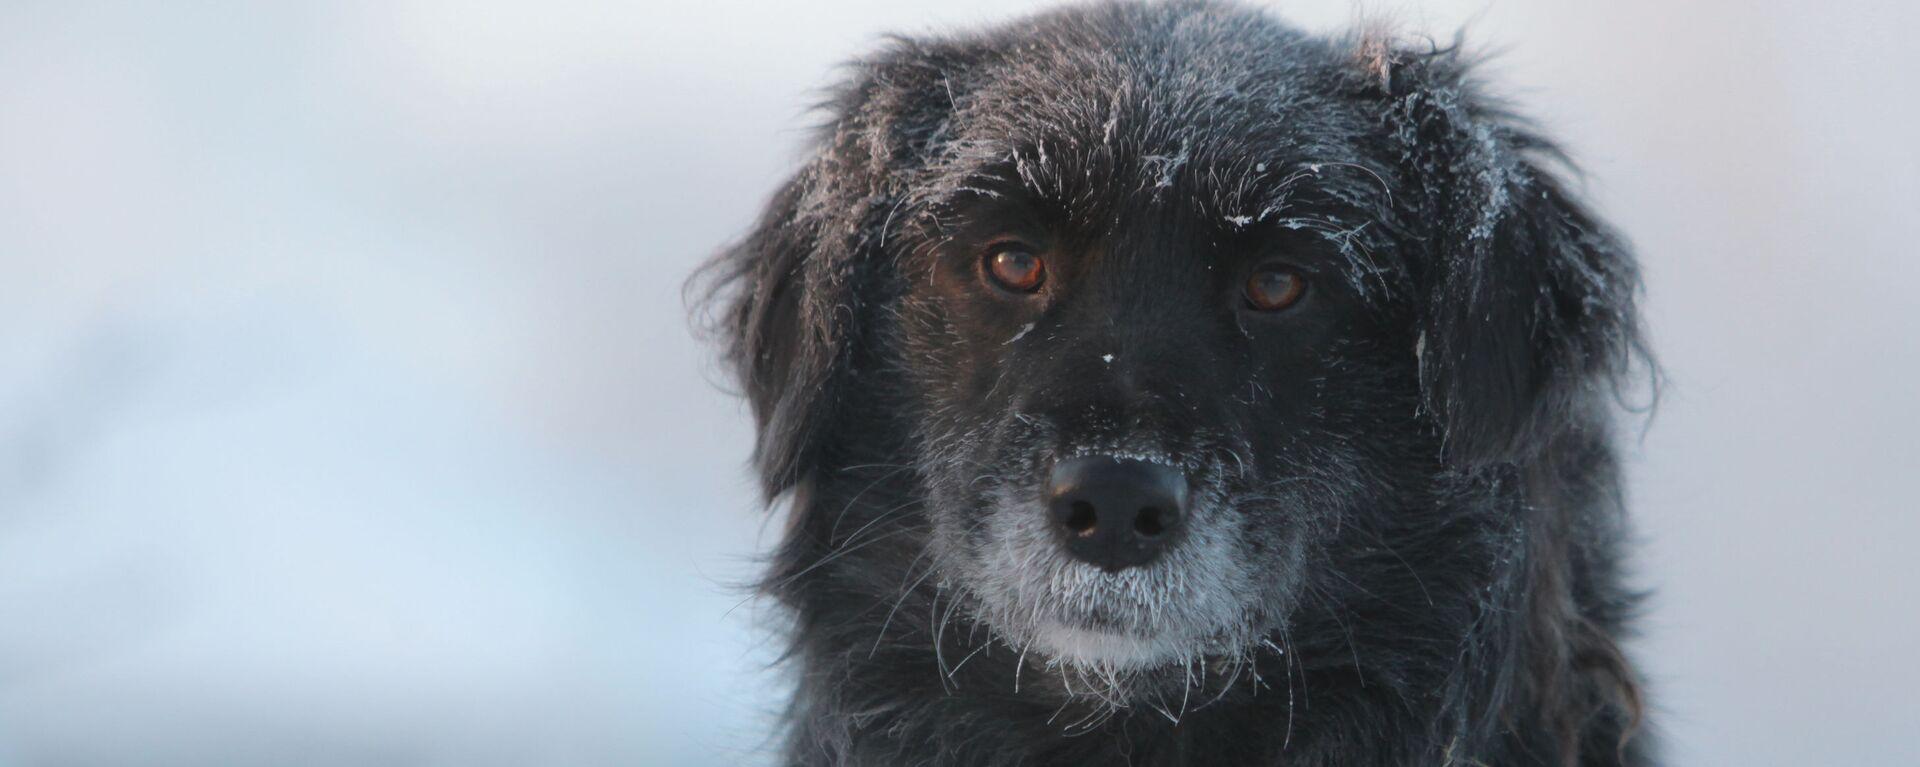 Дворовая собака в городе Тара Омской области в сильный мороз - Sputnik Latvija, 1920, 24.09.2021